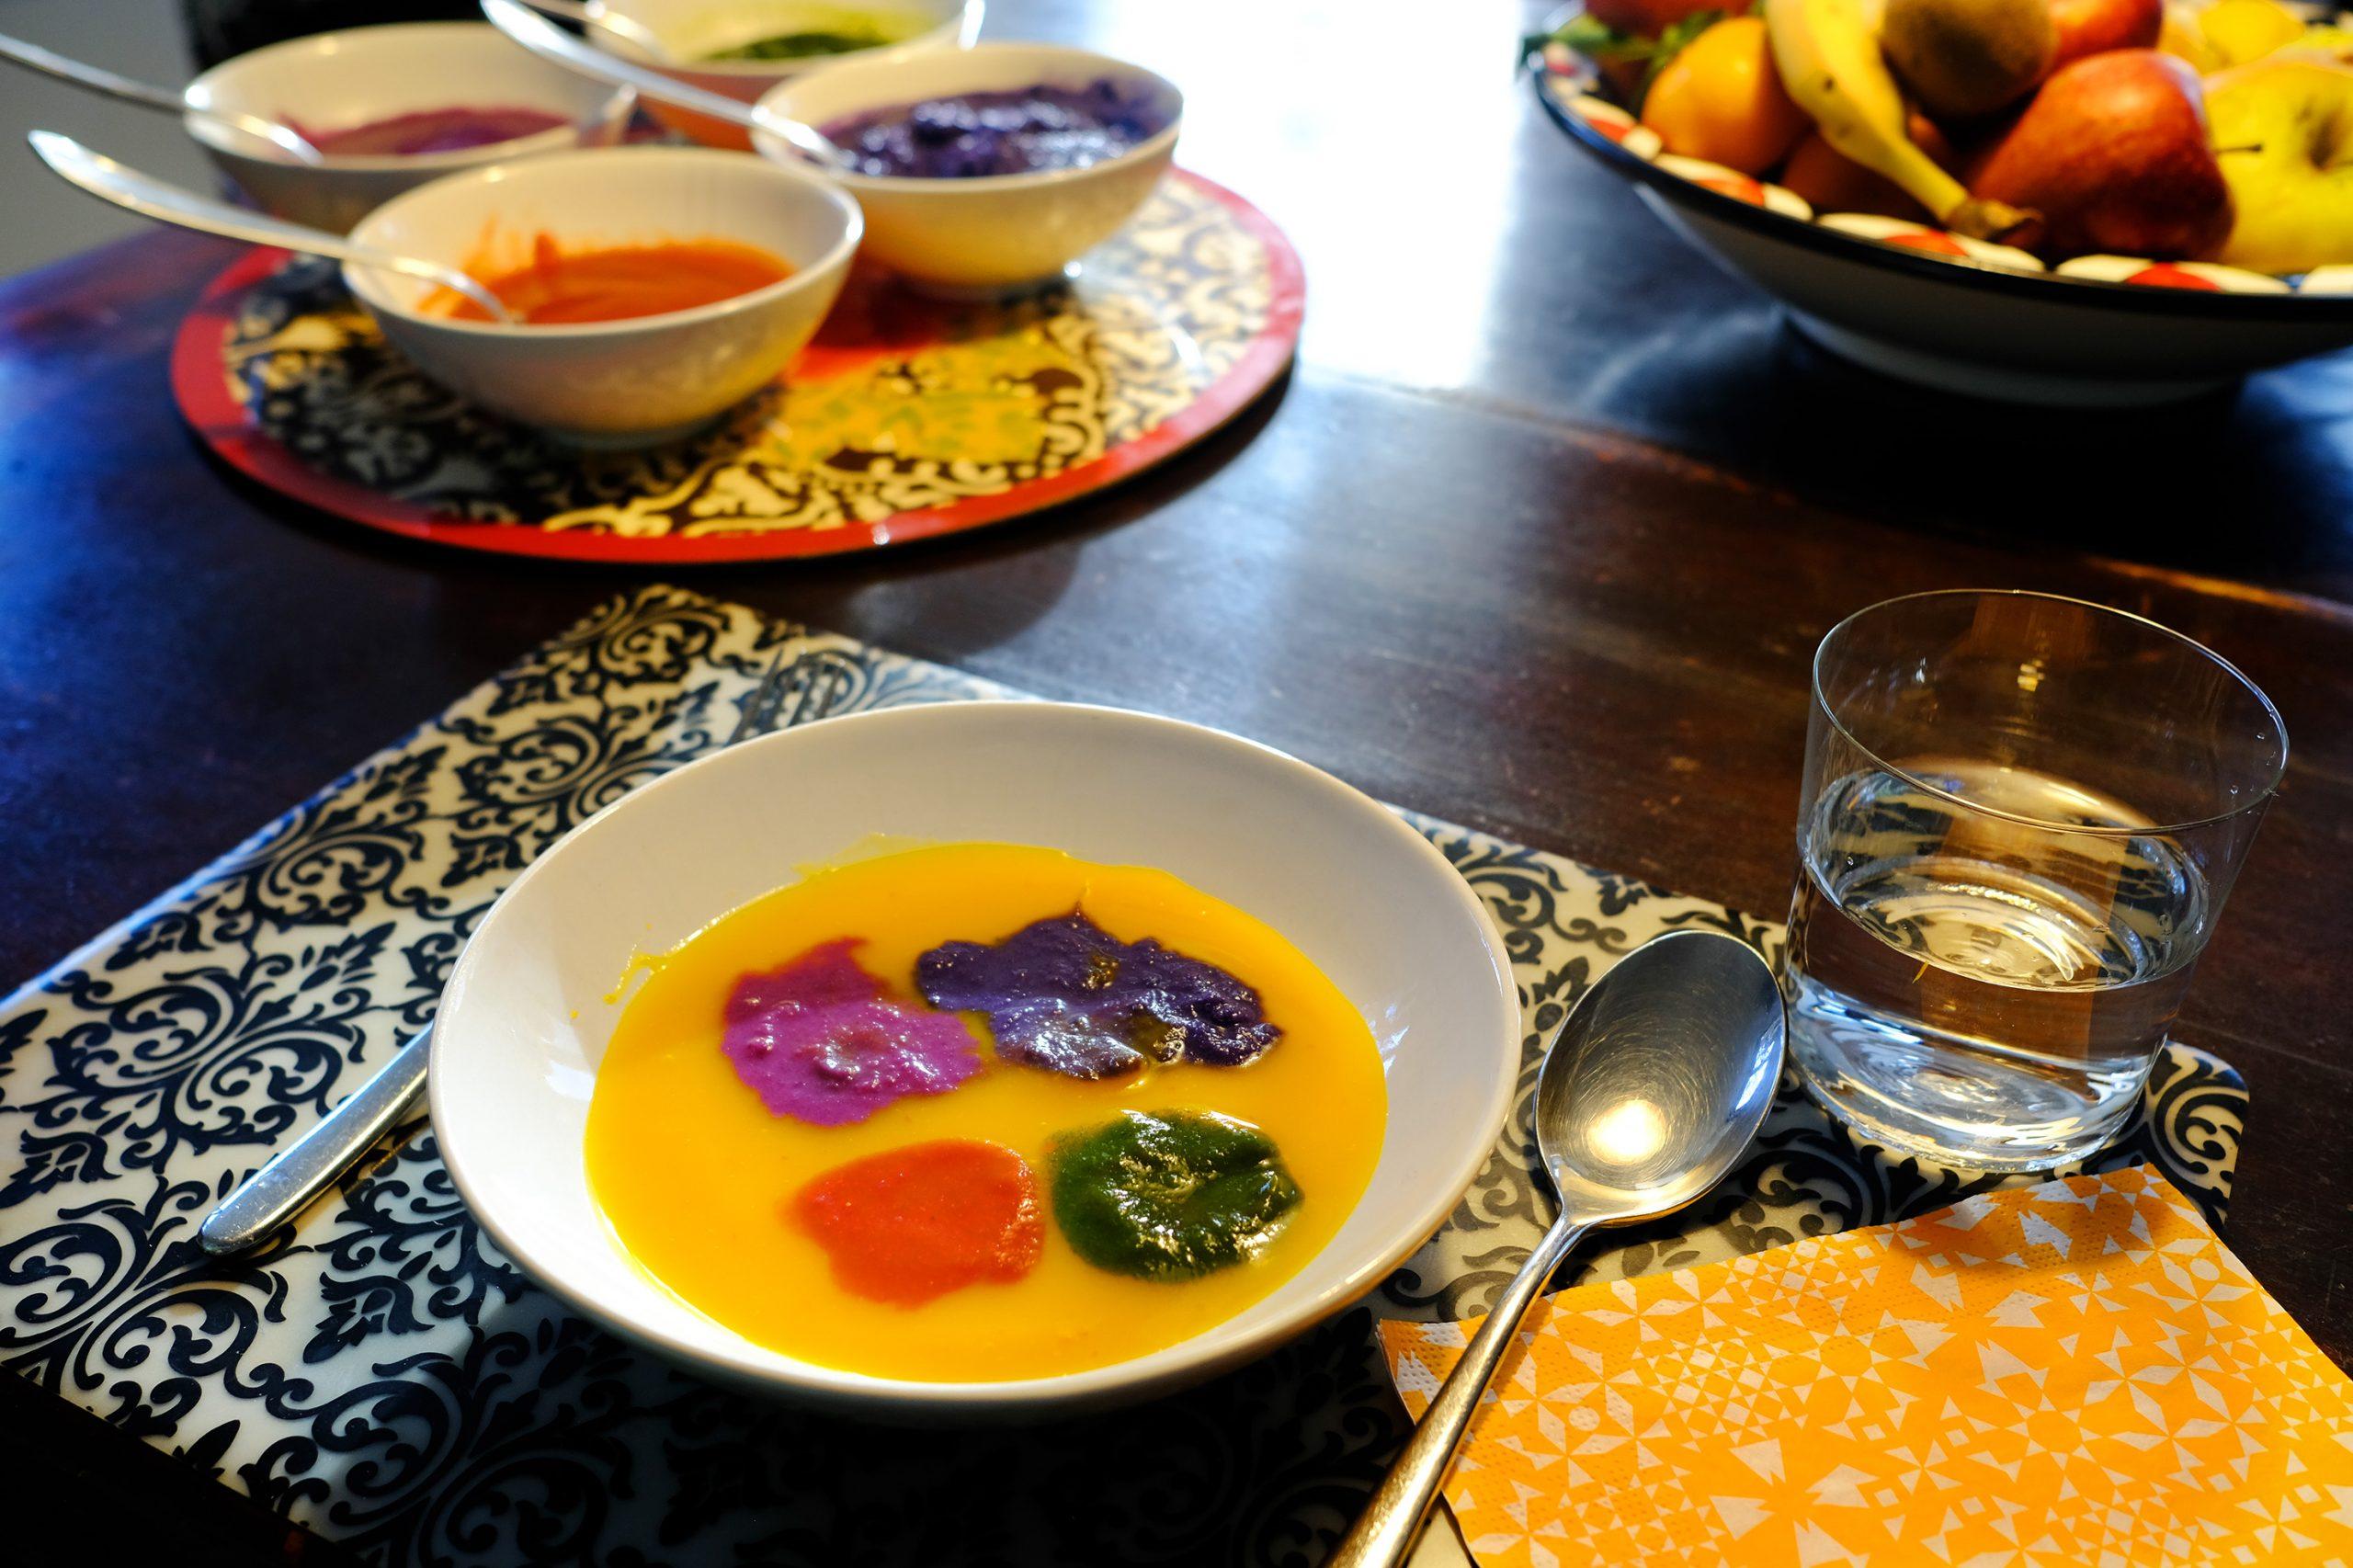 tavola con zuppe colorate, scodella tavolozza